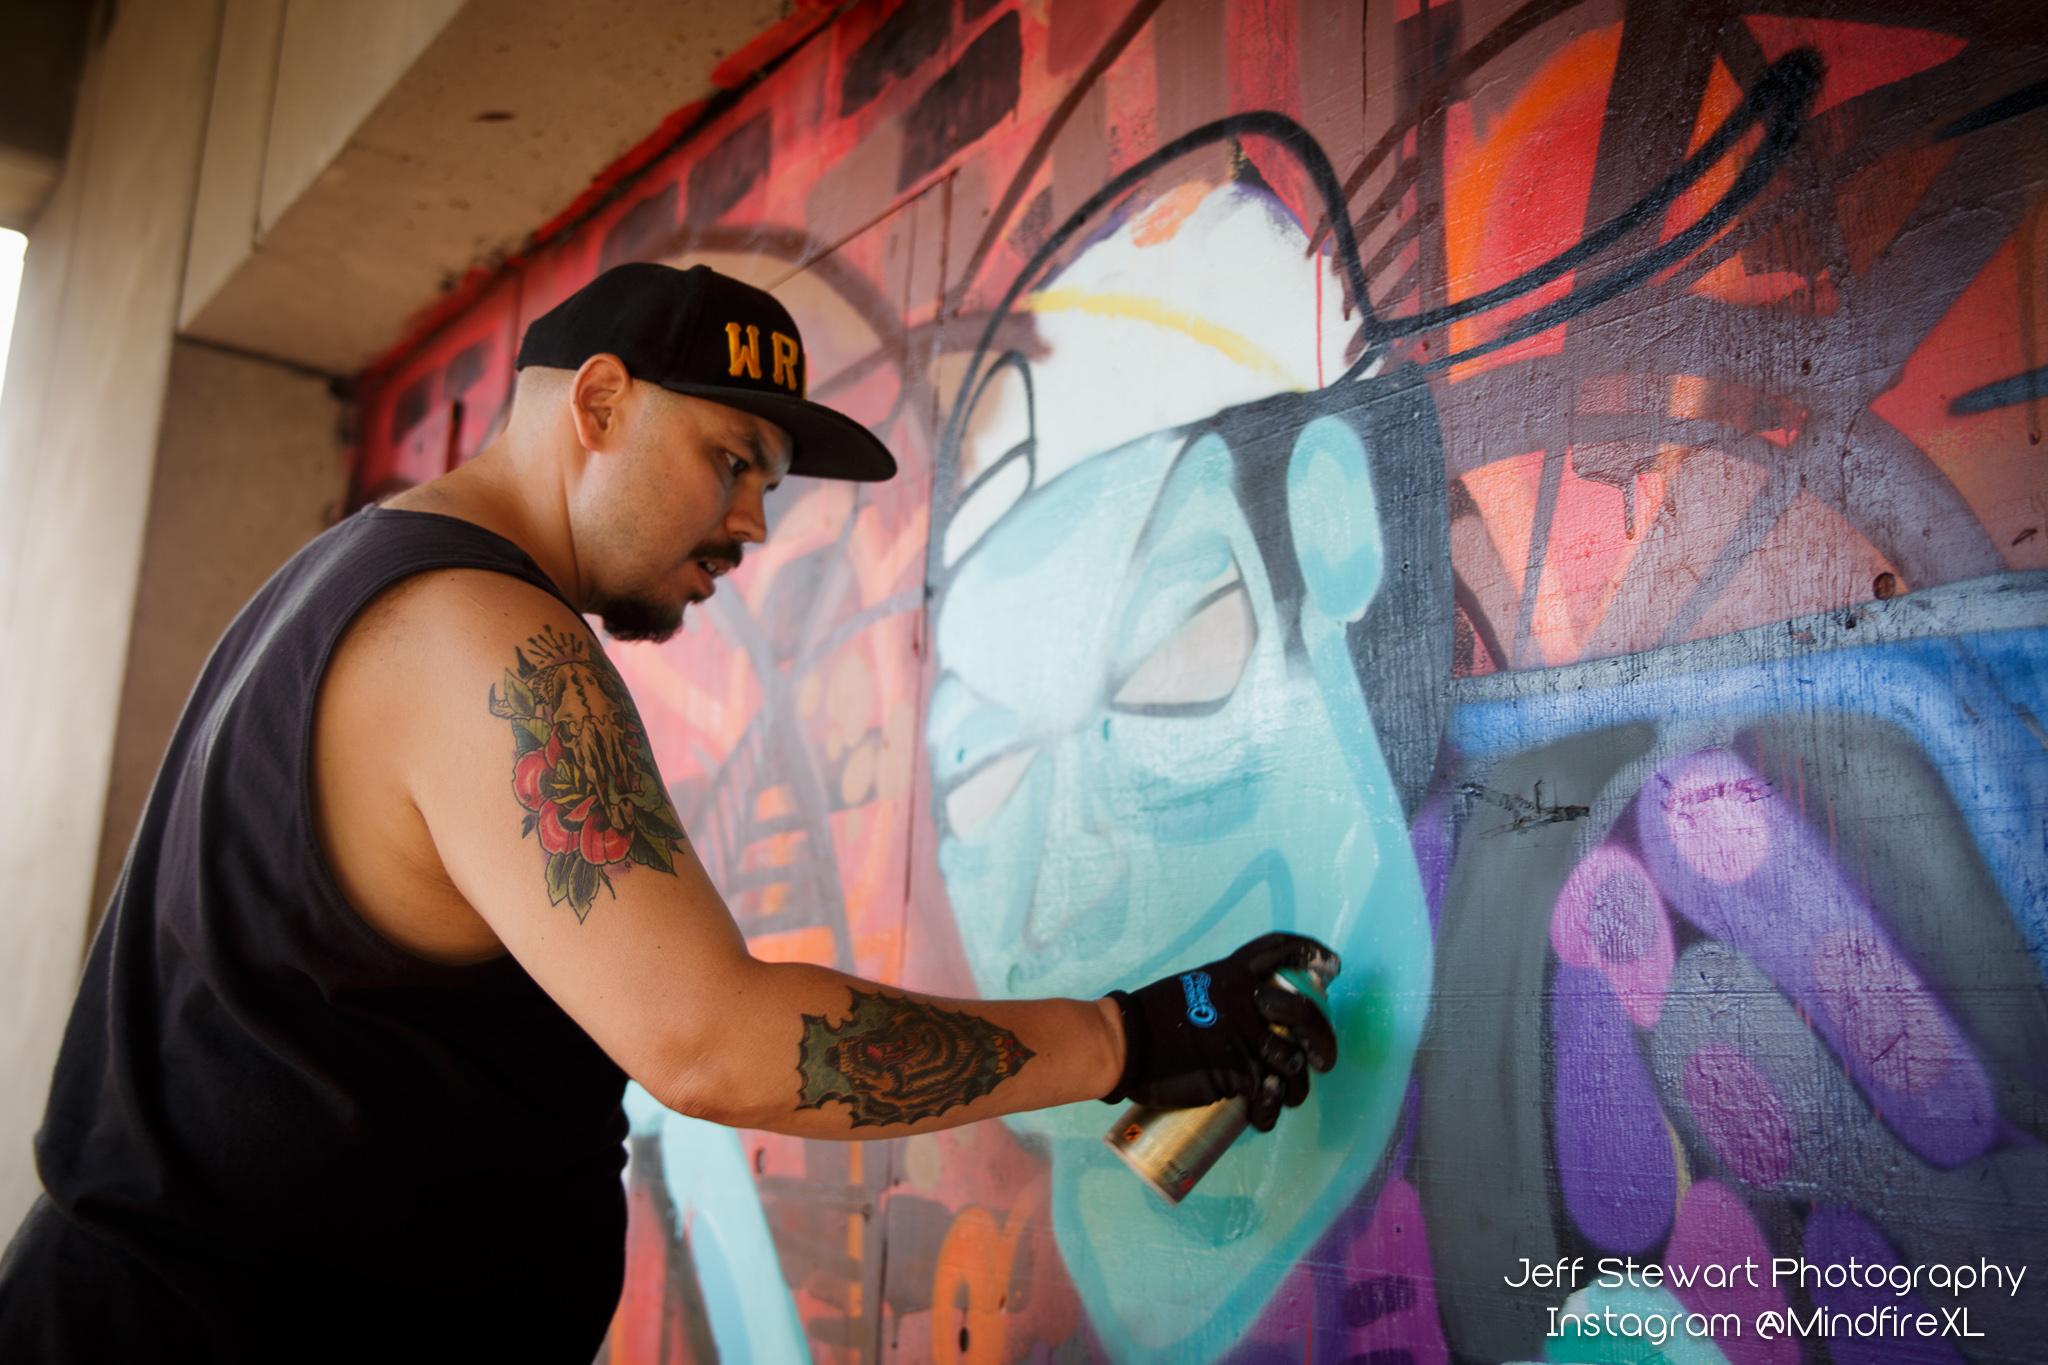 Artistic Rehabilitation by Leon Rainbow